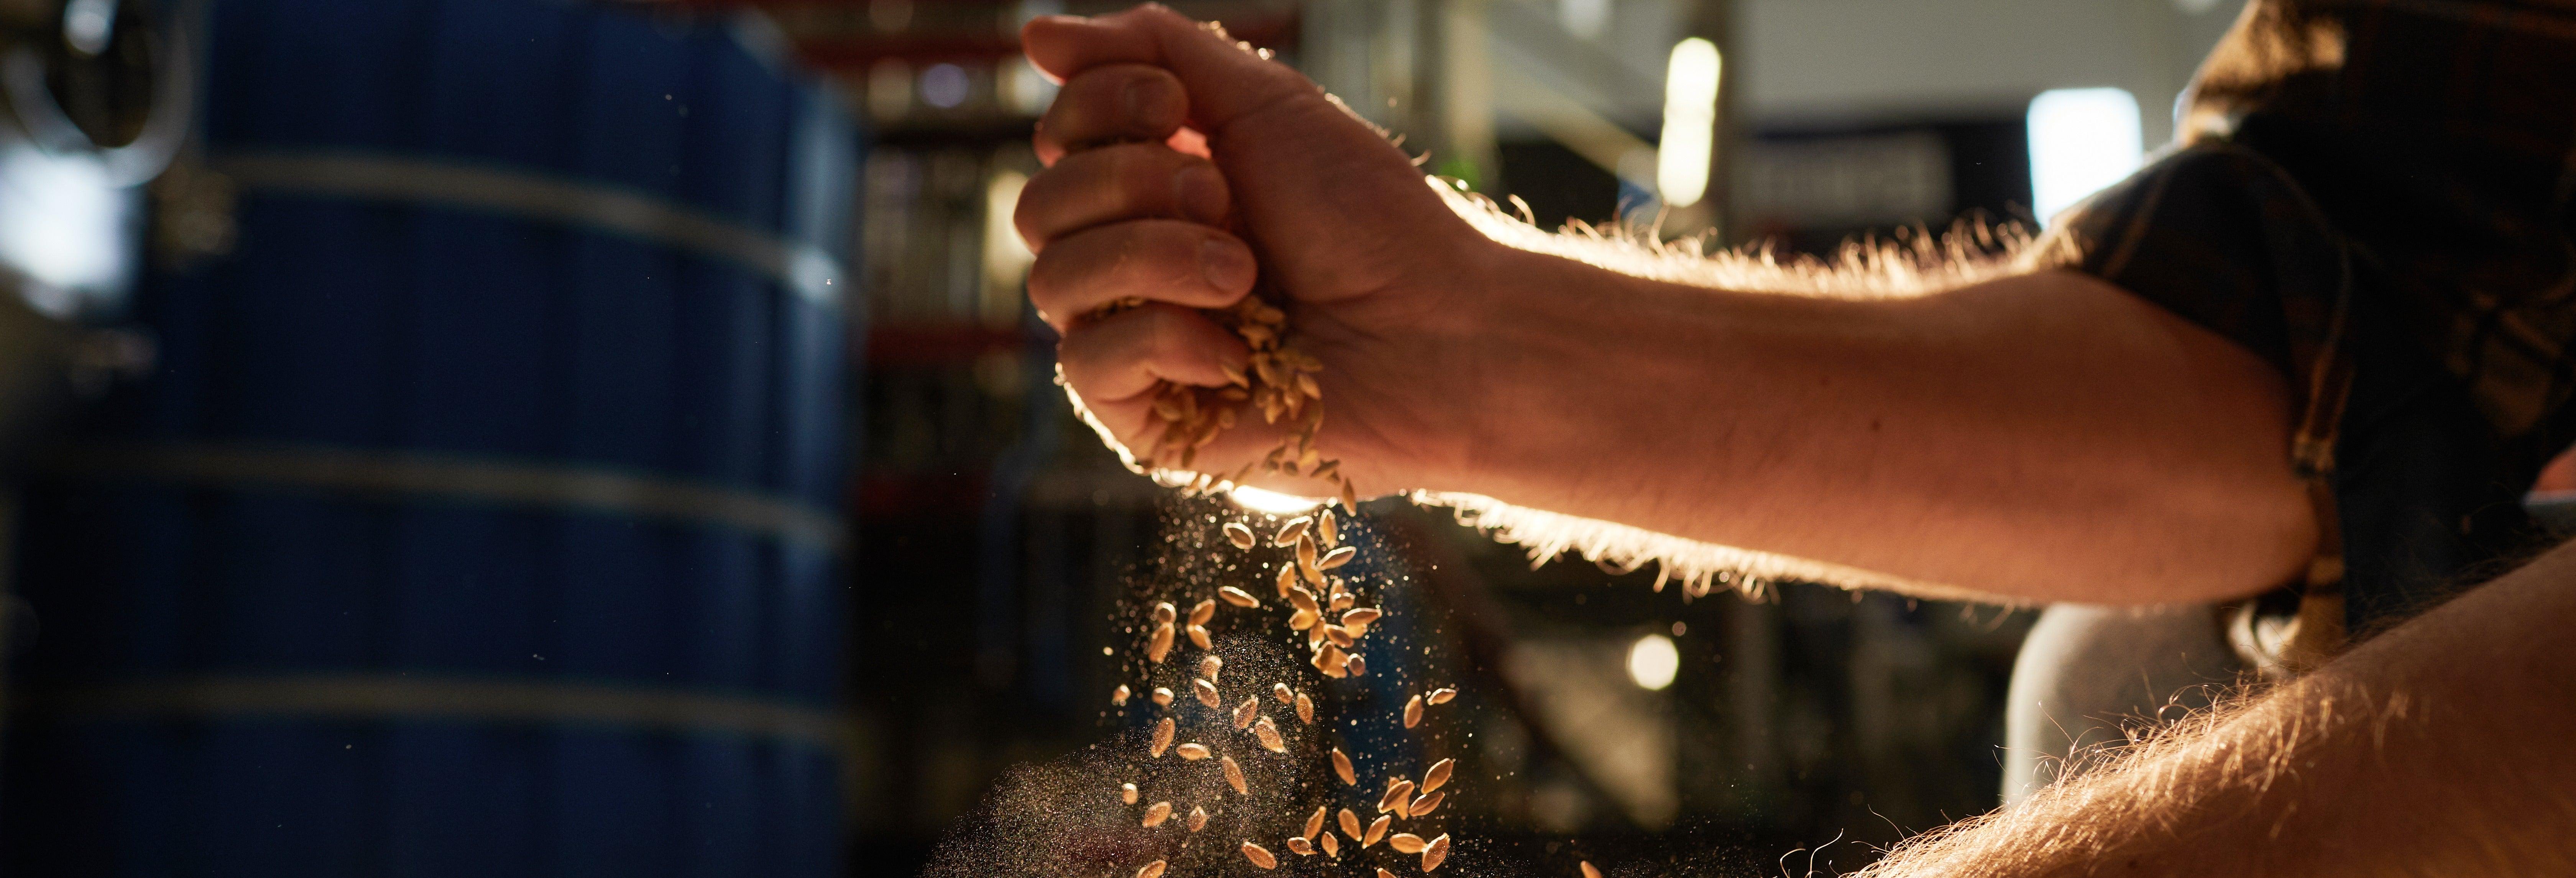 Visita al birrificio 277 Craft Beer